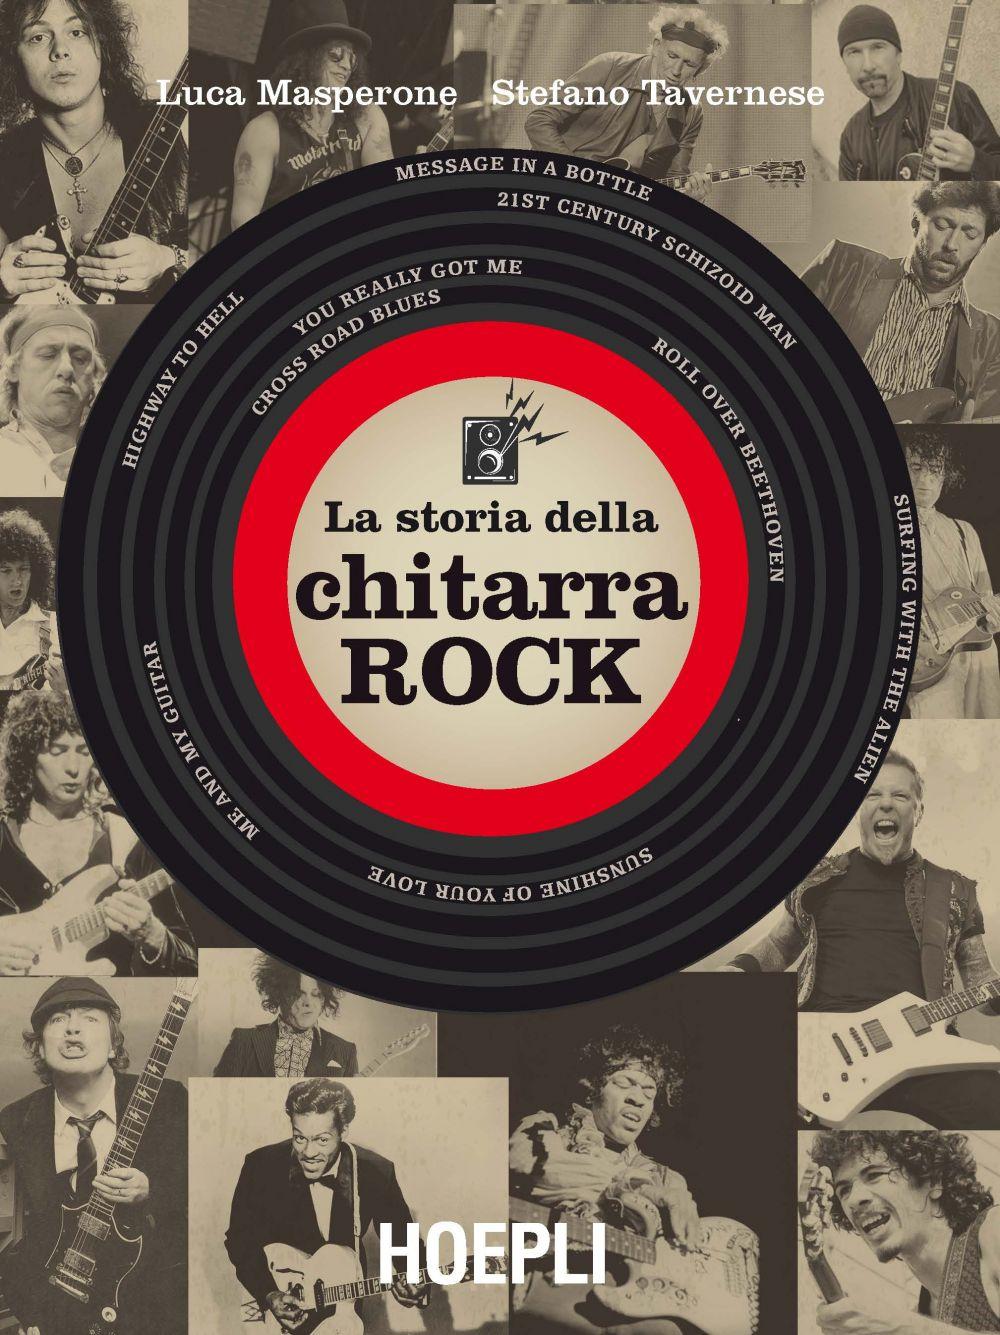 «La storia della chitarra rock» (Hoepli) di Luca Masperone e Stefano Tavernese